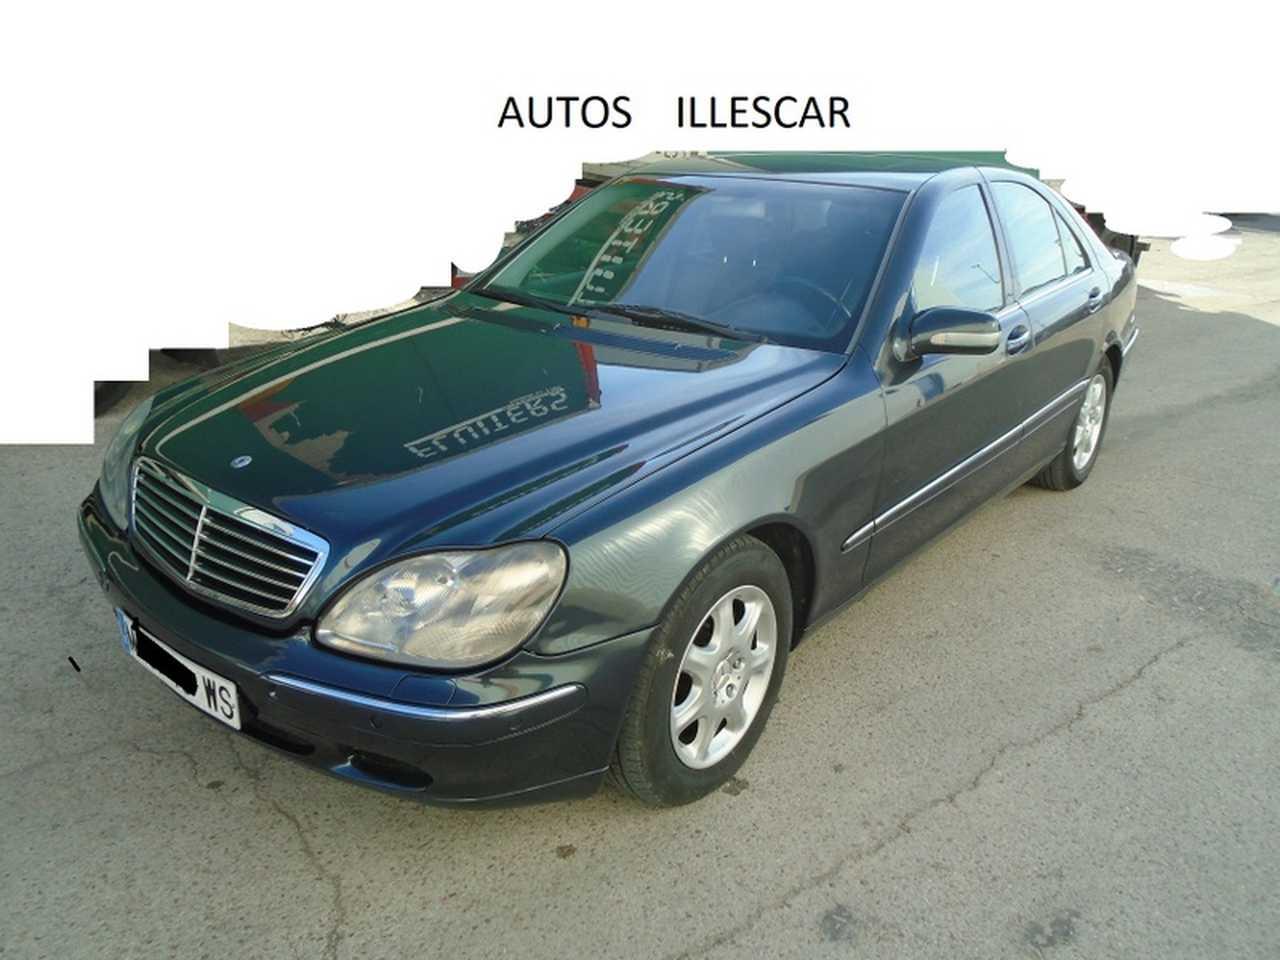 Mercedes Clase S 320 GASOLINA MUY CUIDADO  - Foto 1